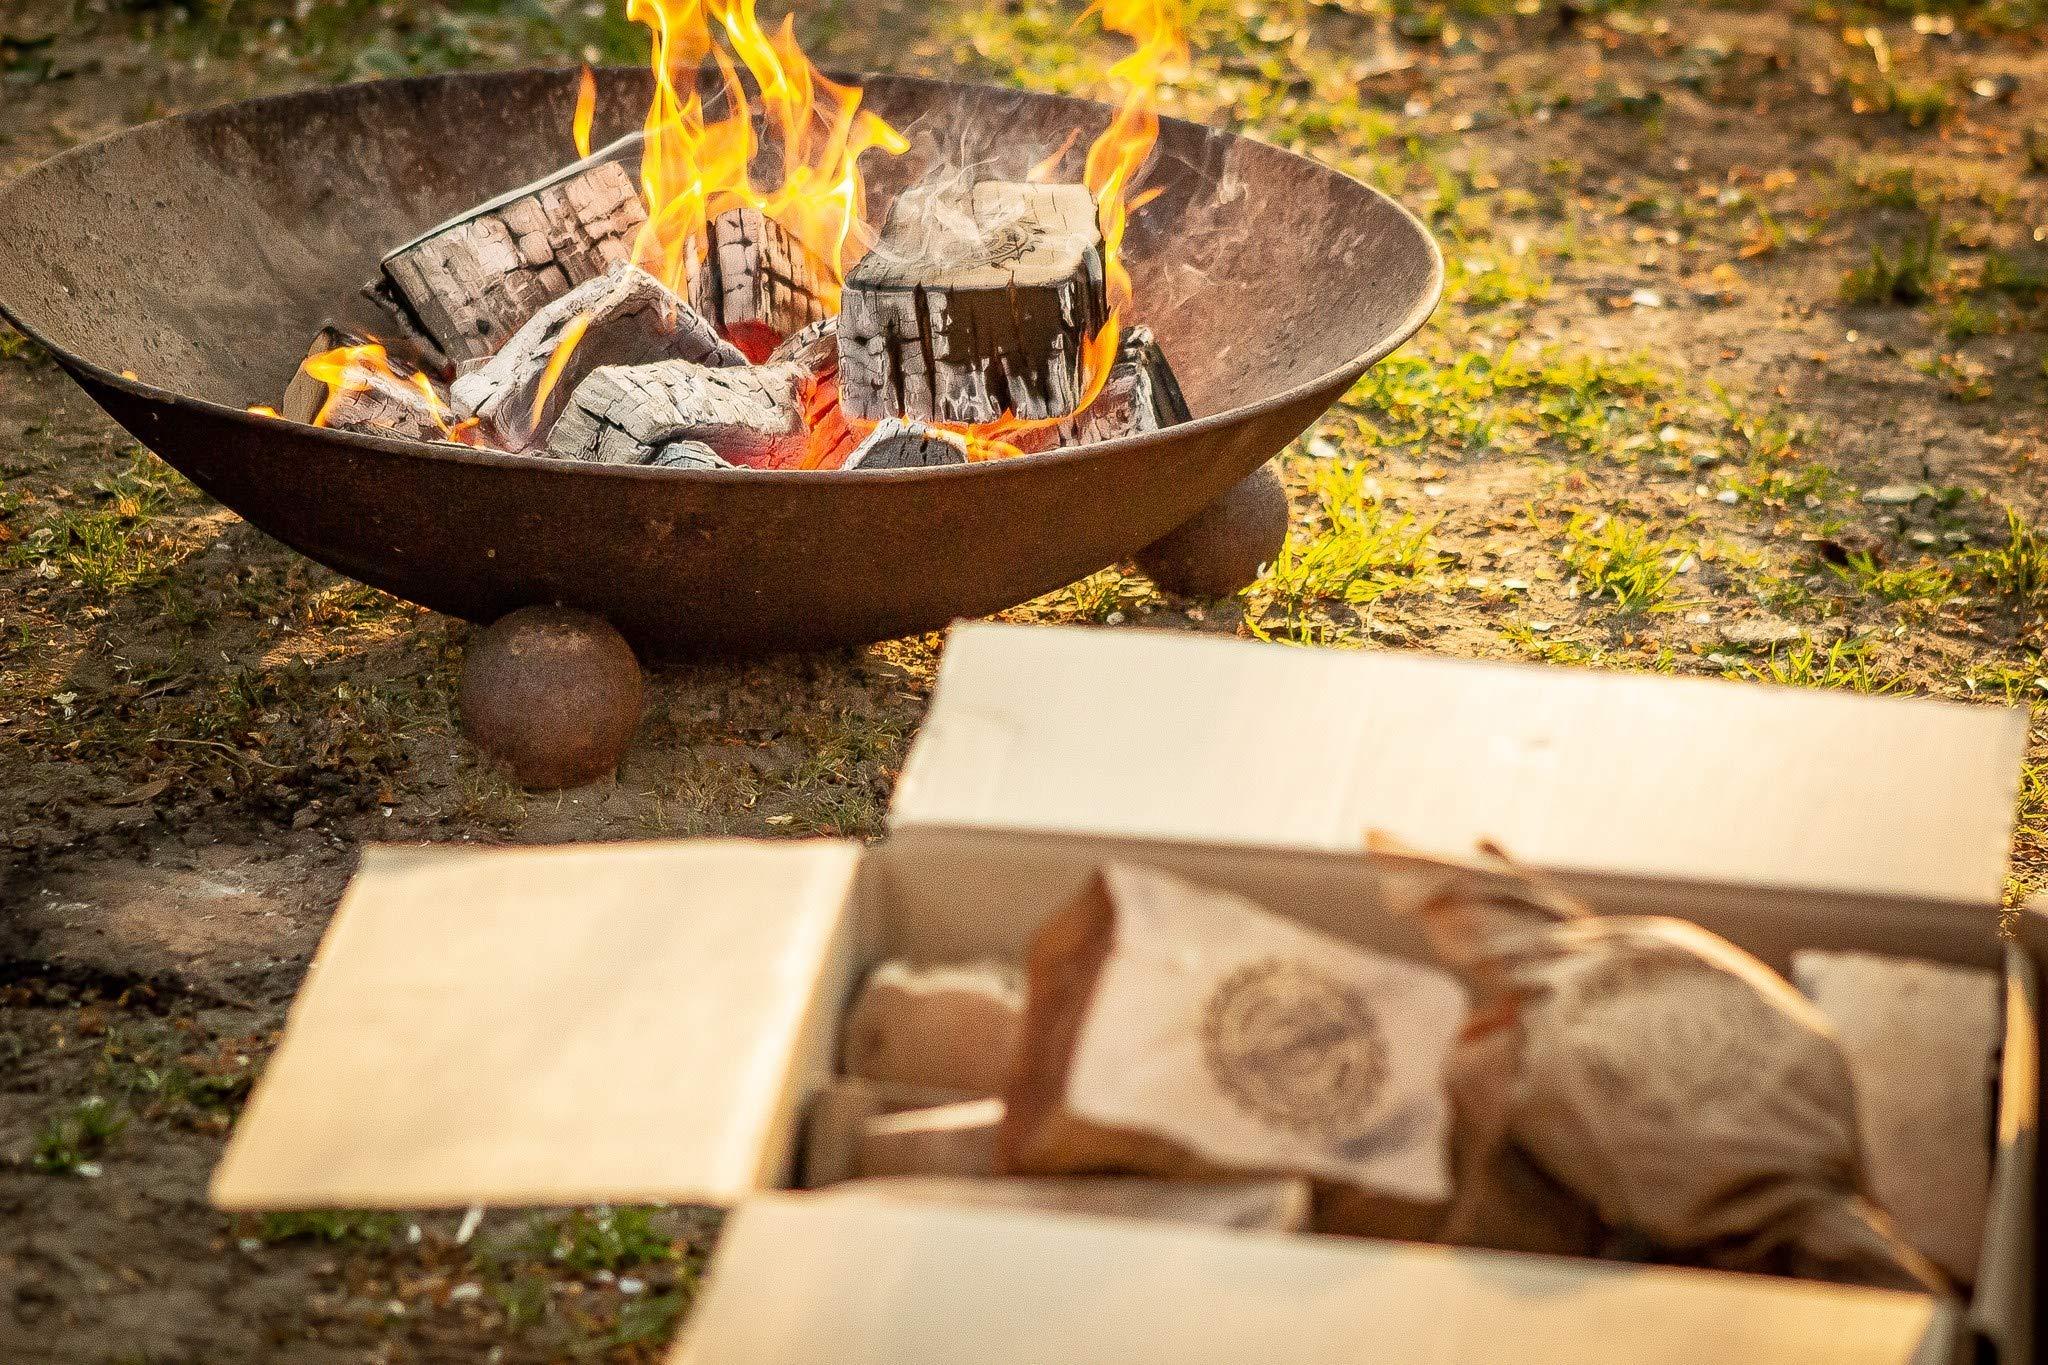 Acapnos – Leña para chimenea (10 kg, madera de haya, discos de 5 cm, incluye encendedor para barbacoa, fuego abierto, parrilla y chimenea)